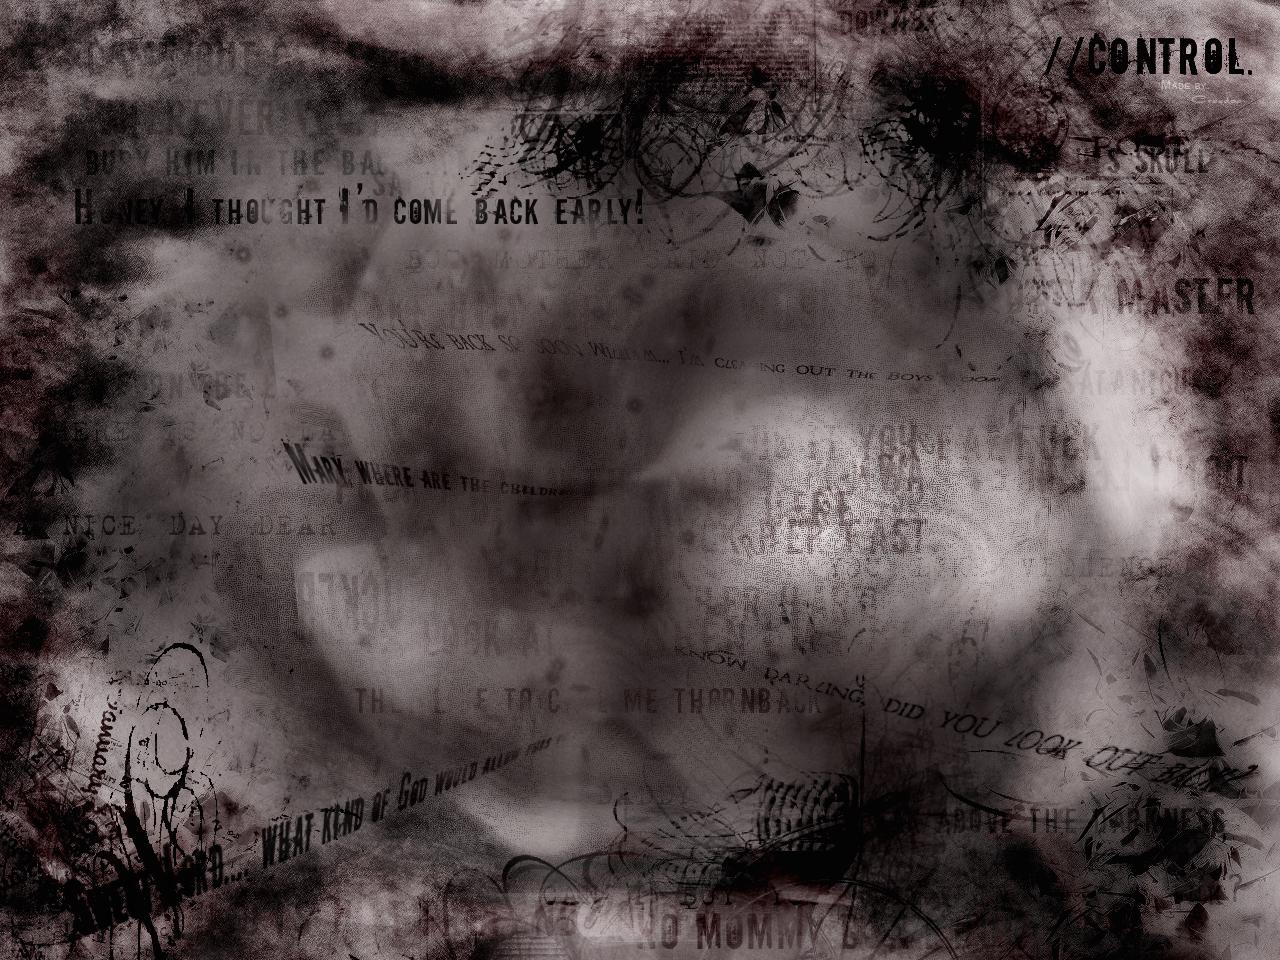 Dark Gothic Wallpaper 1280x960 Dark Gothic 1280x960